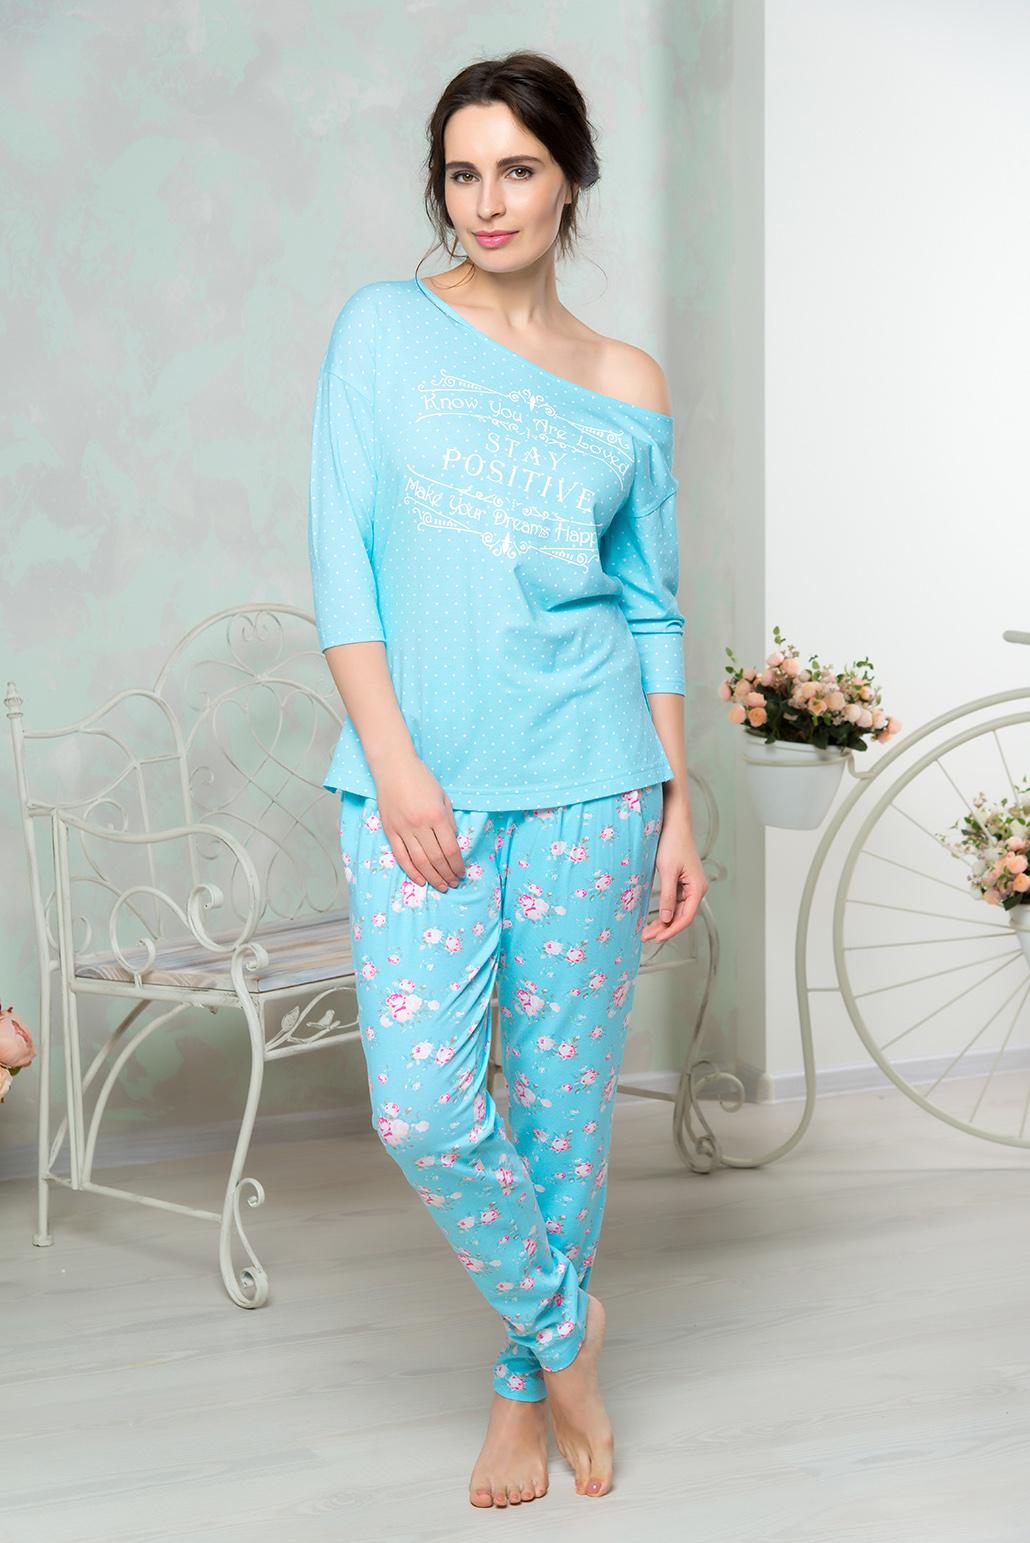 Комплект домашний женский Mia Cara: футболка, брюки, цвет: голубой. AW16-MCUZ-852. Размер 42/44AW16-MCUZ-852Комплект домашний одежды Mia Cara состоит из футболки с рукавами 3/4 и брюк. Модель выполнена из высококачественного хлопка с добавлением эластана. Футболка свободного кроя. Брюки слегка заужены к низу.